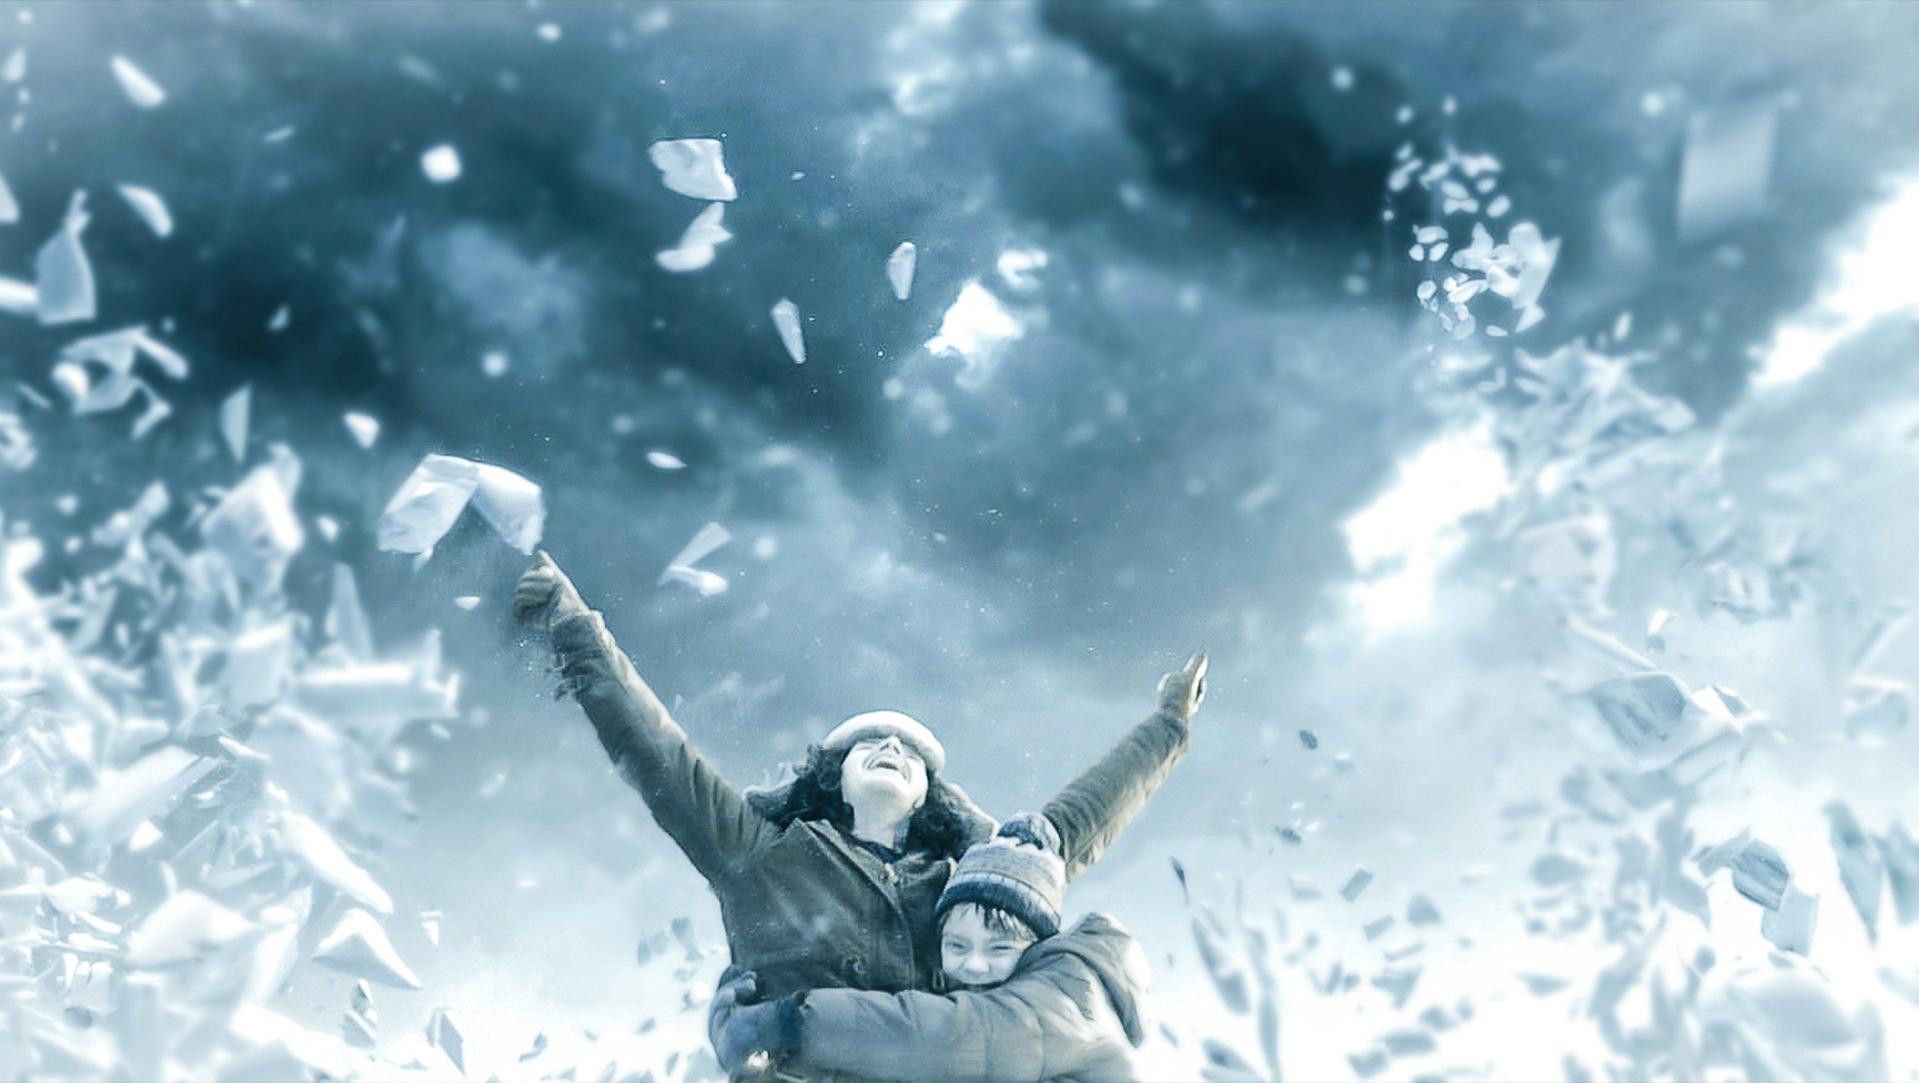 Gespensterjäger – Auf eisiger Spur | CGI & FX